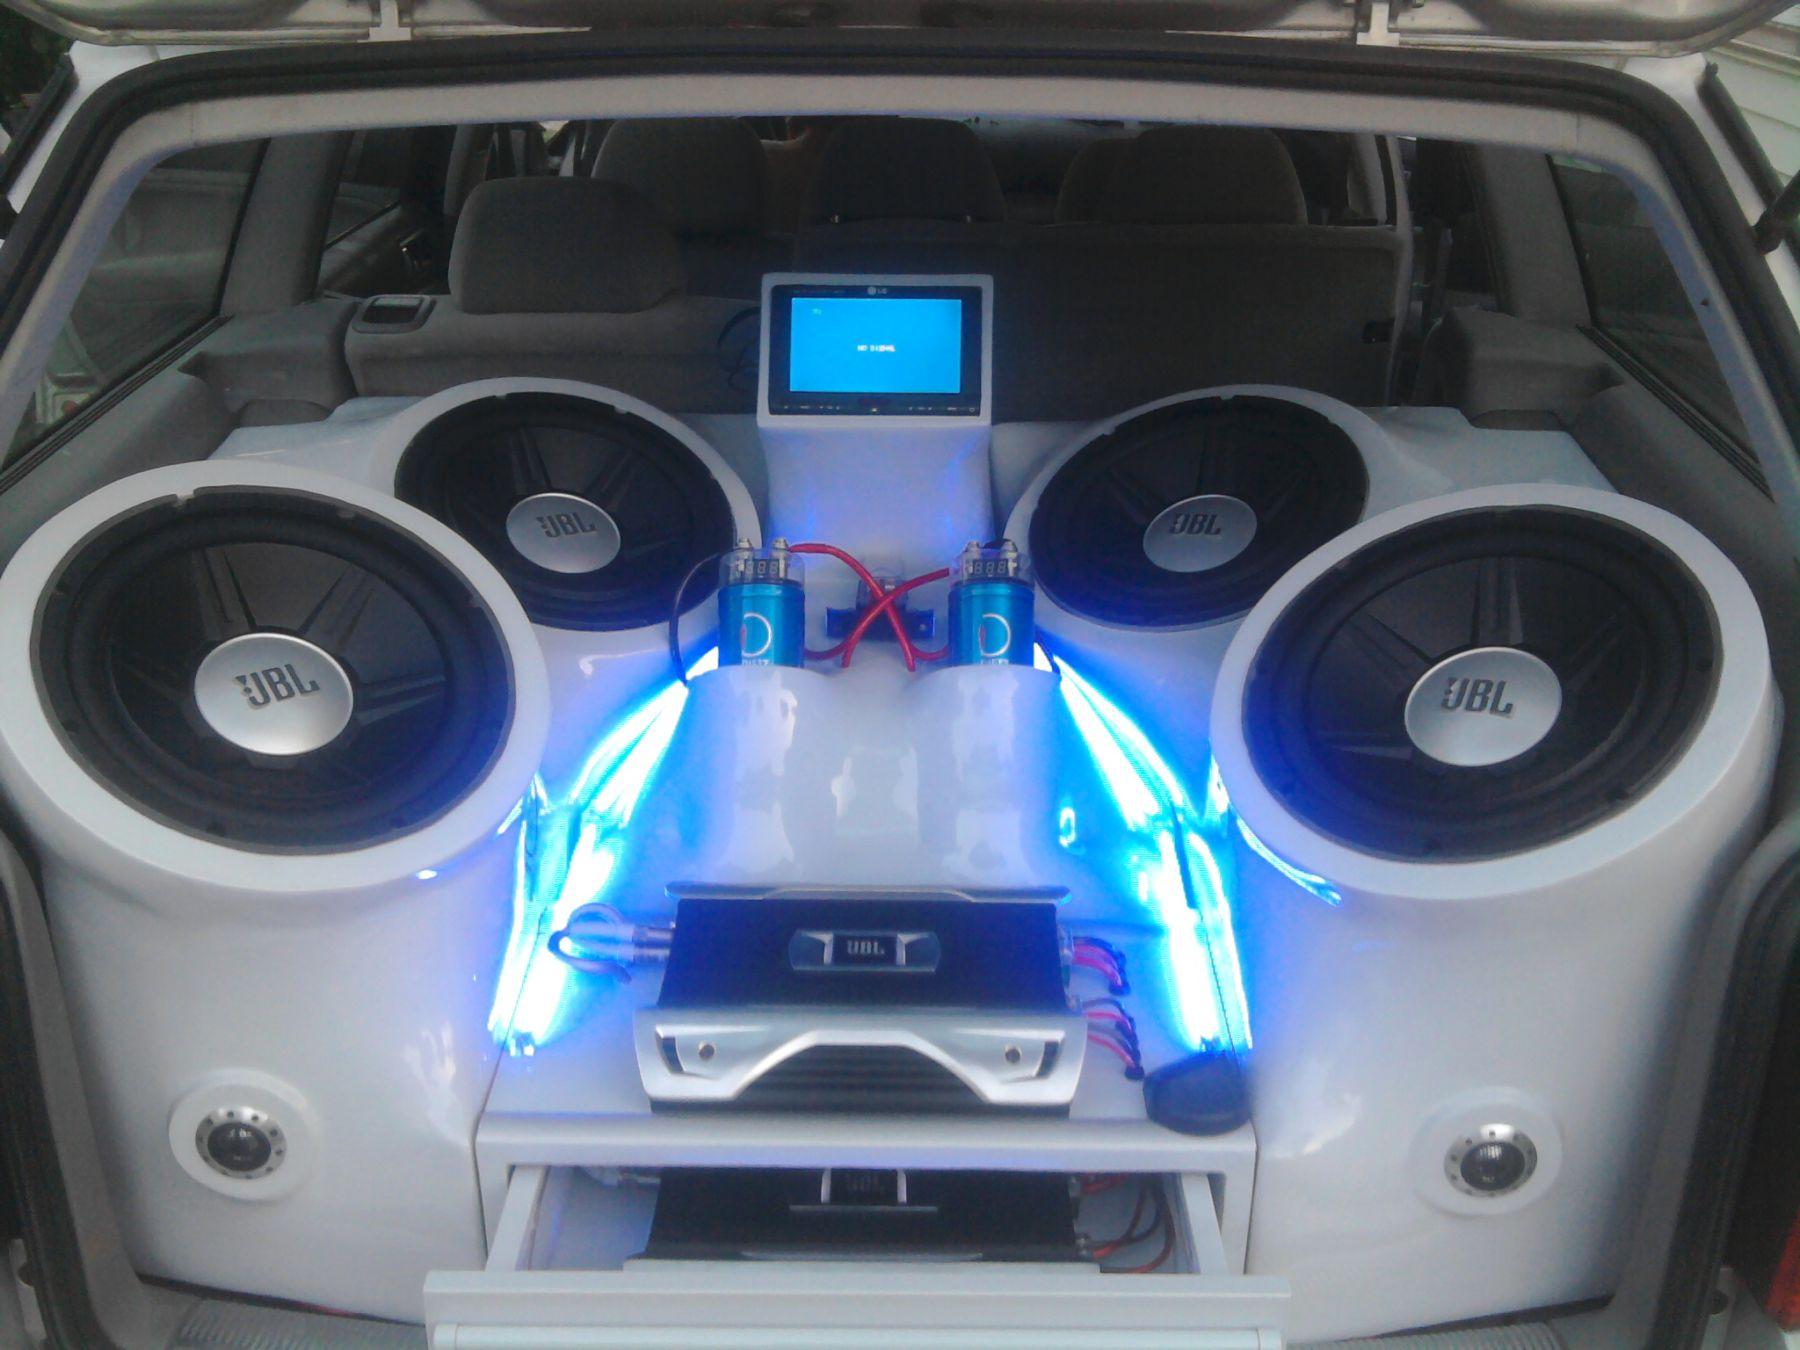 Najnowsze Moja zabudowa car audio w Passat B5 kombi - elektroda.pl AP57